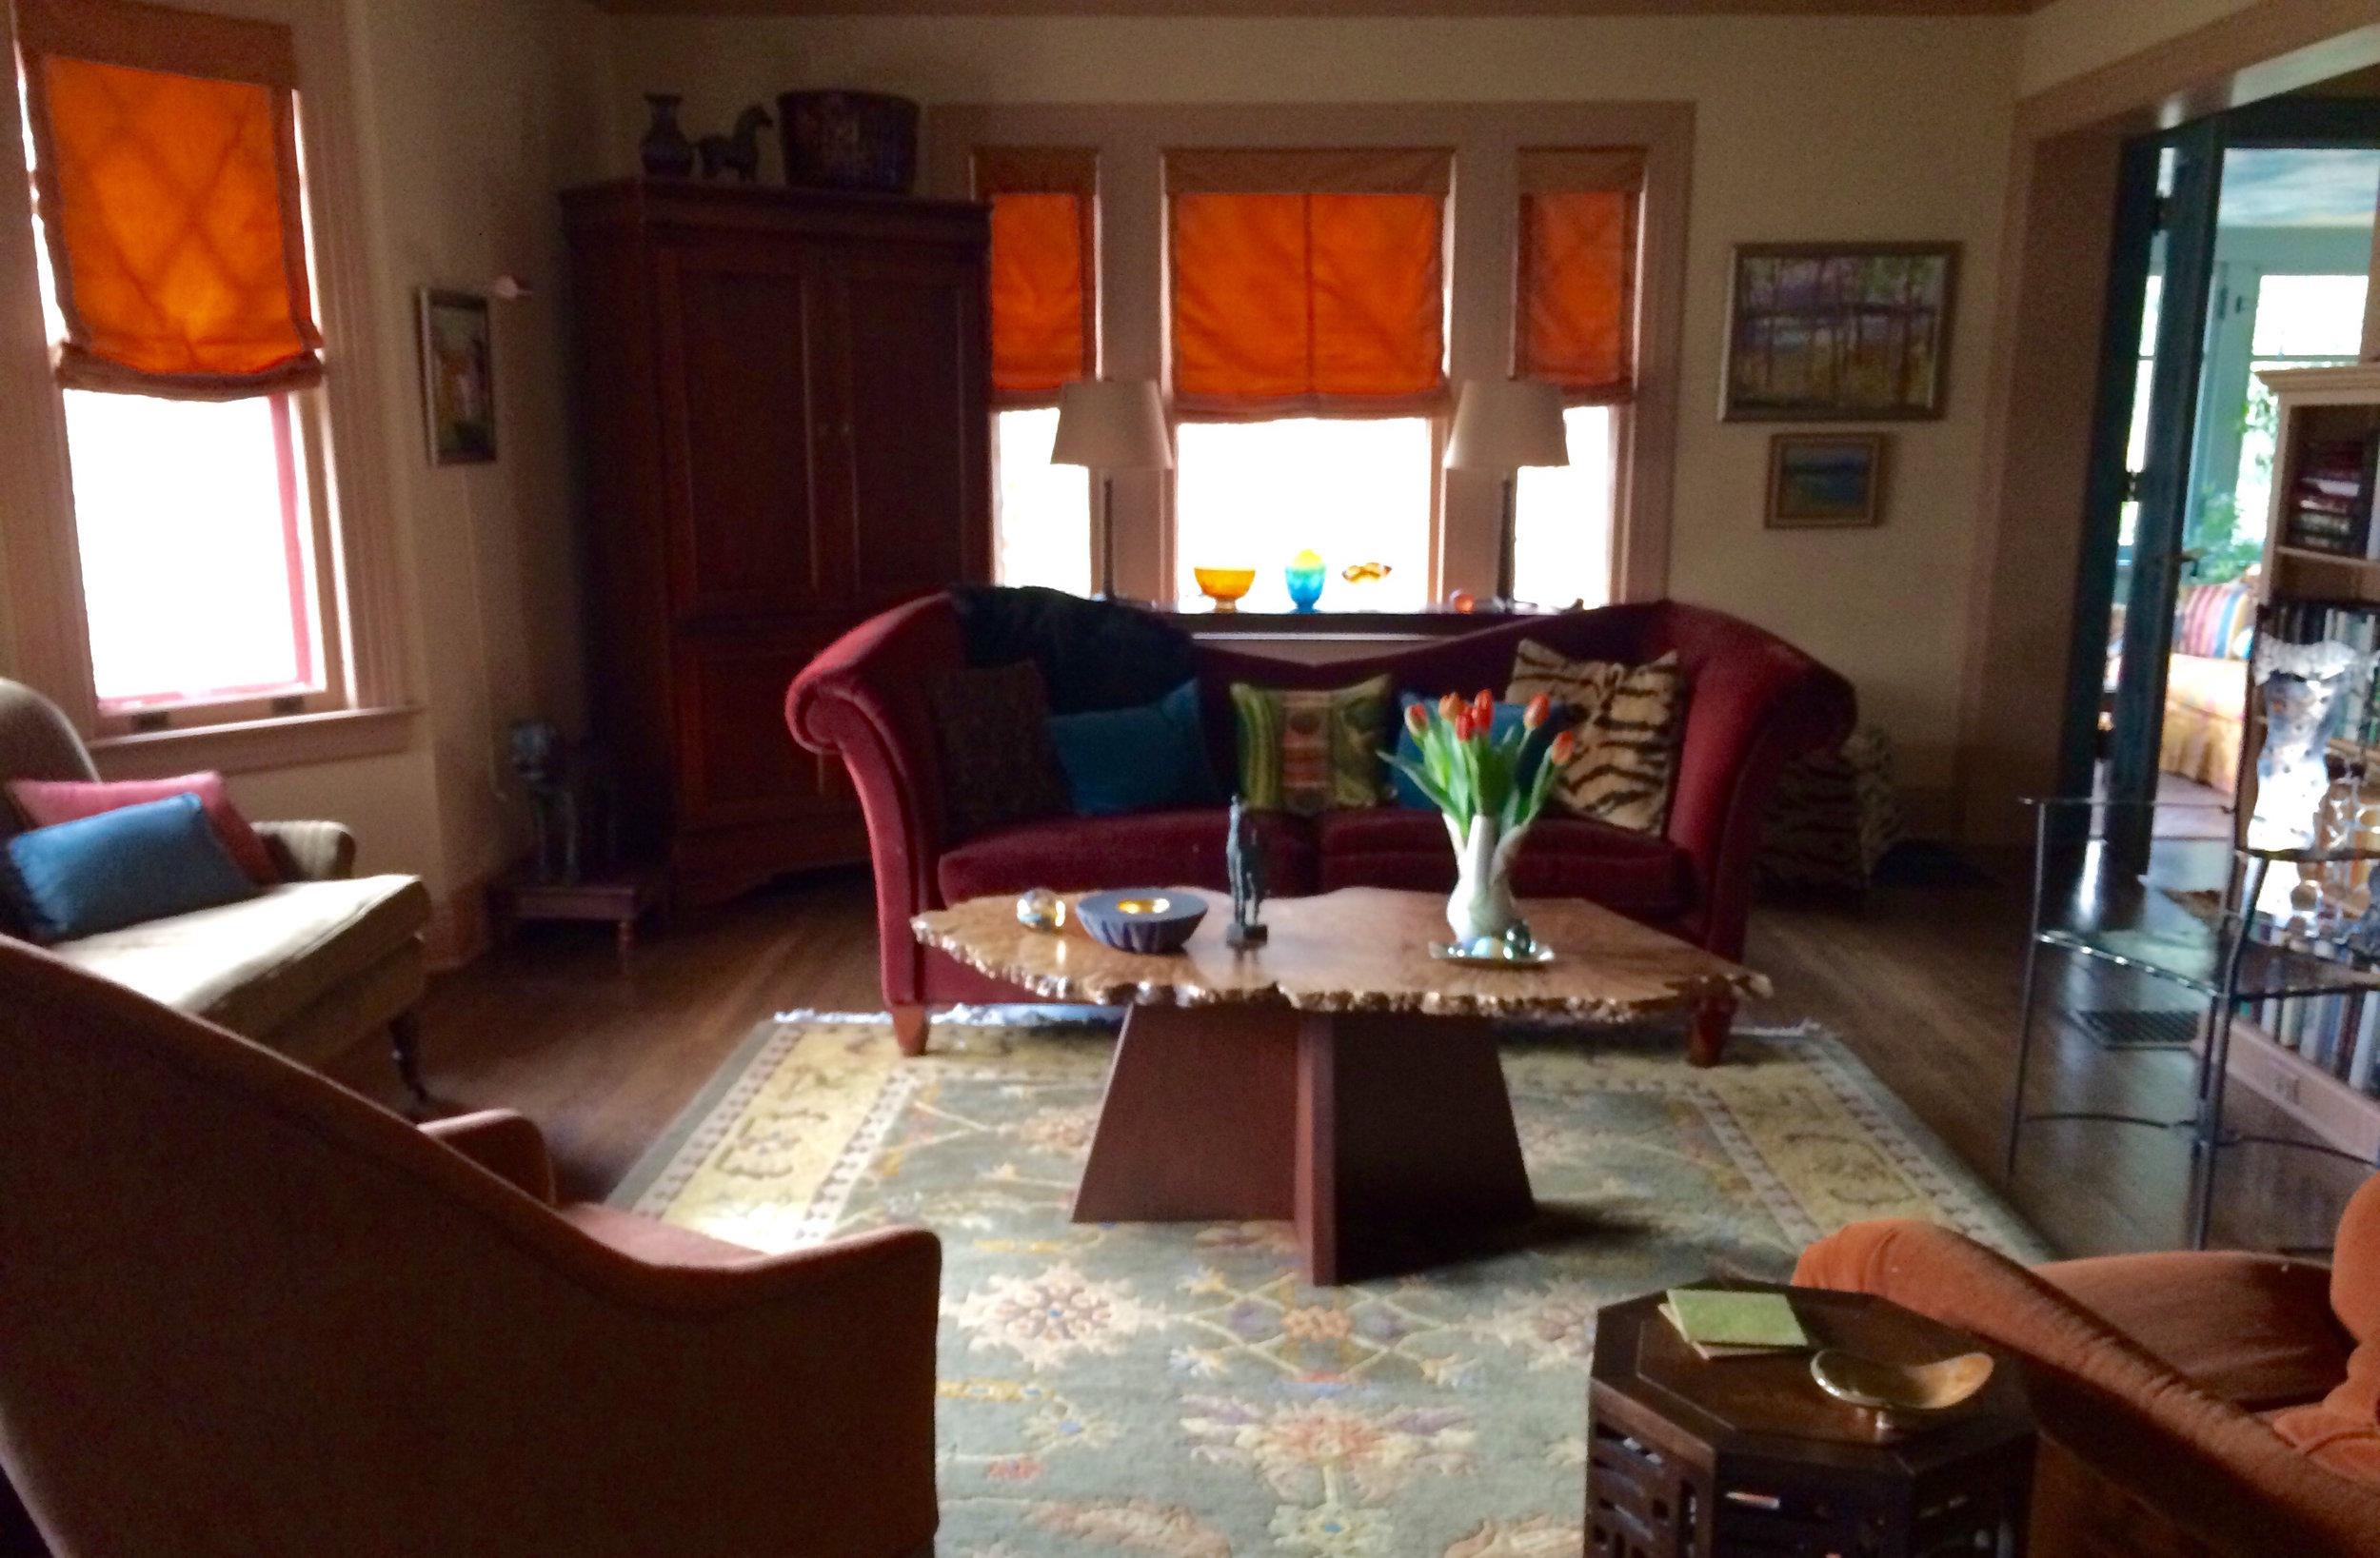 The original living room